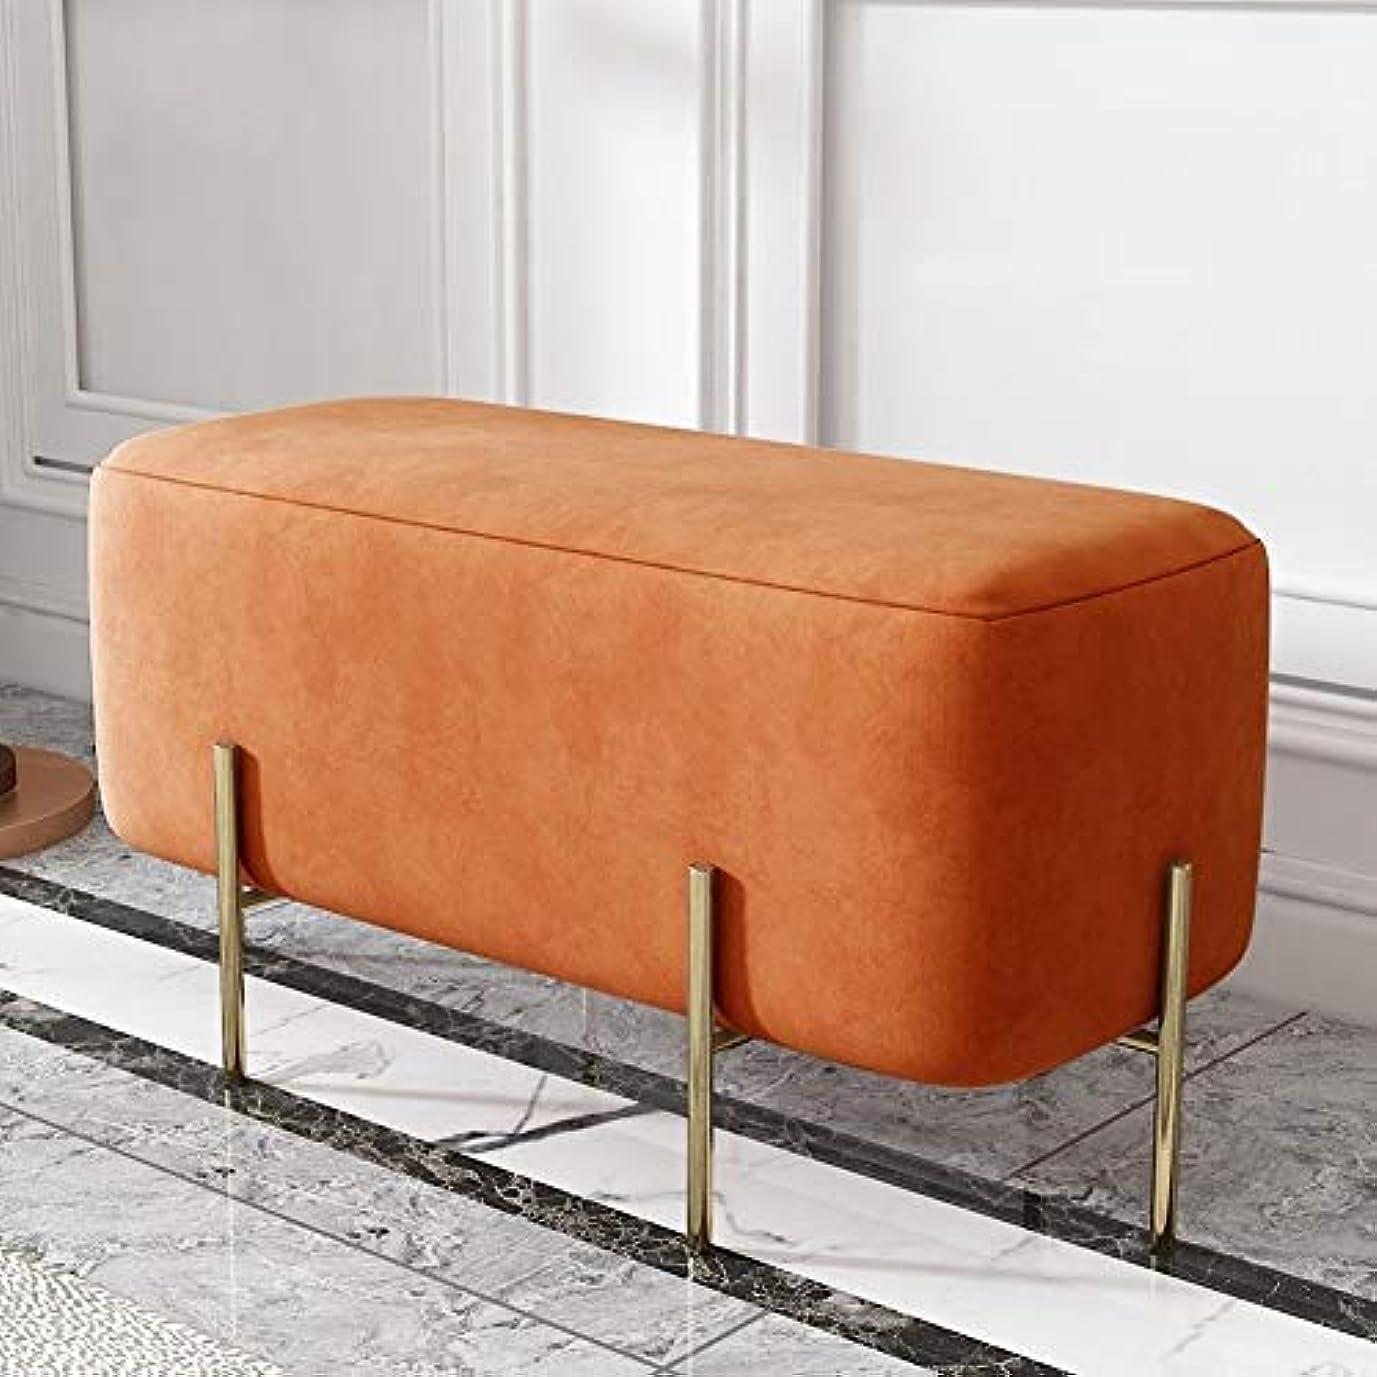 メディア持つ誘導北欧ホームドア変更靴ベンチベッドエンドスツールスツールスツールライト高級クロークソファーベンチベンチベンチシューズベンチ - 90センチ (Color : Sauce Orange)